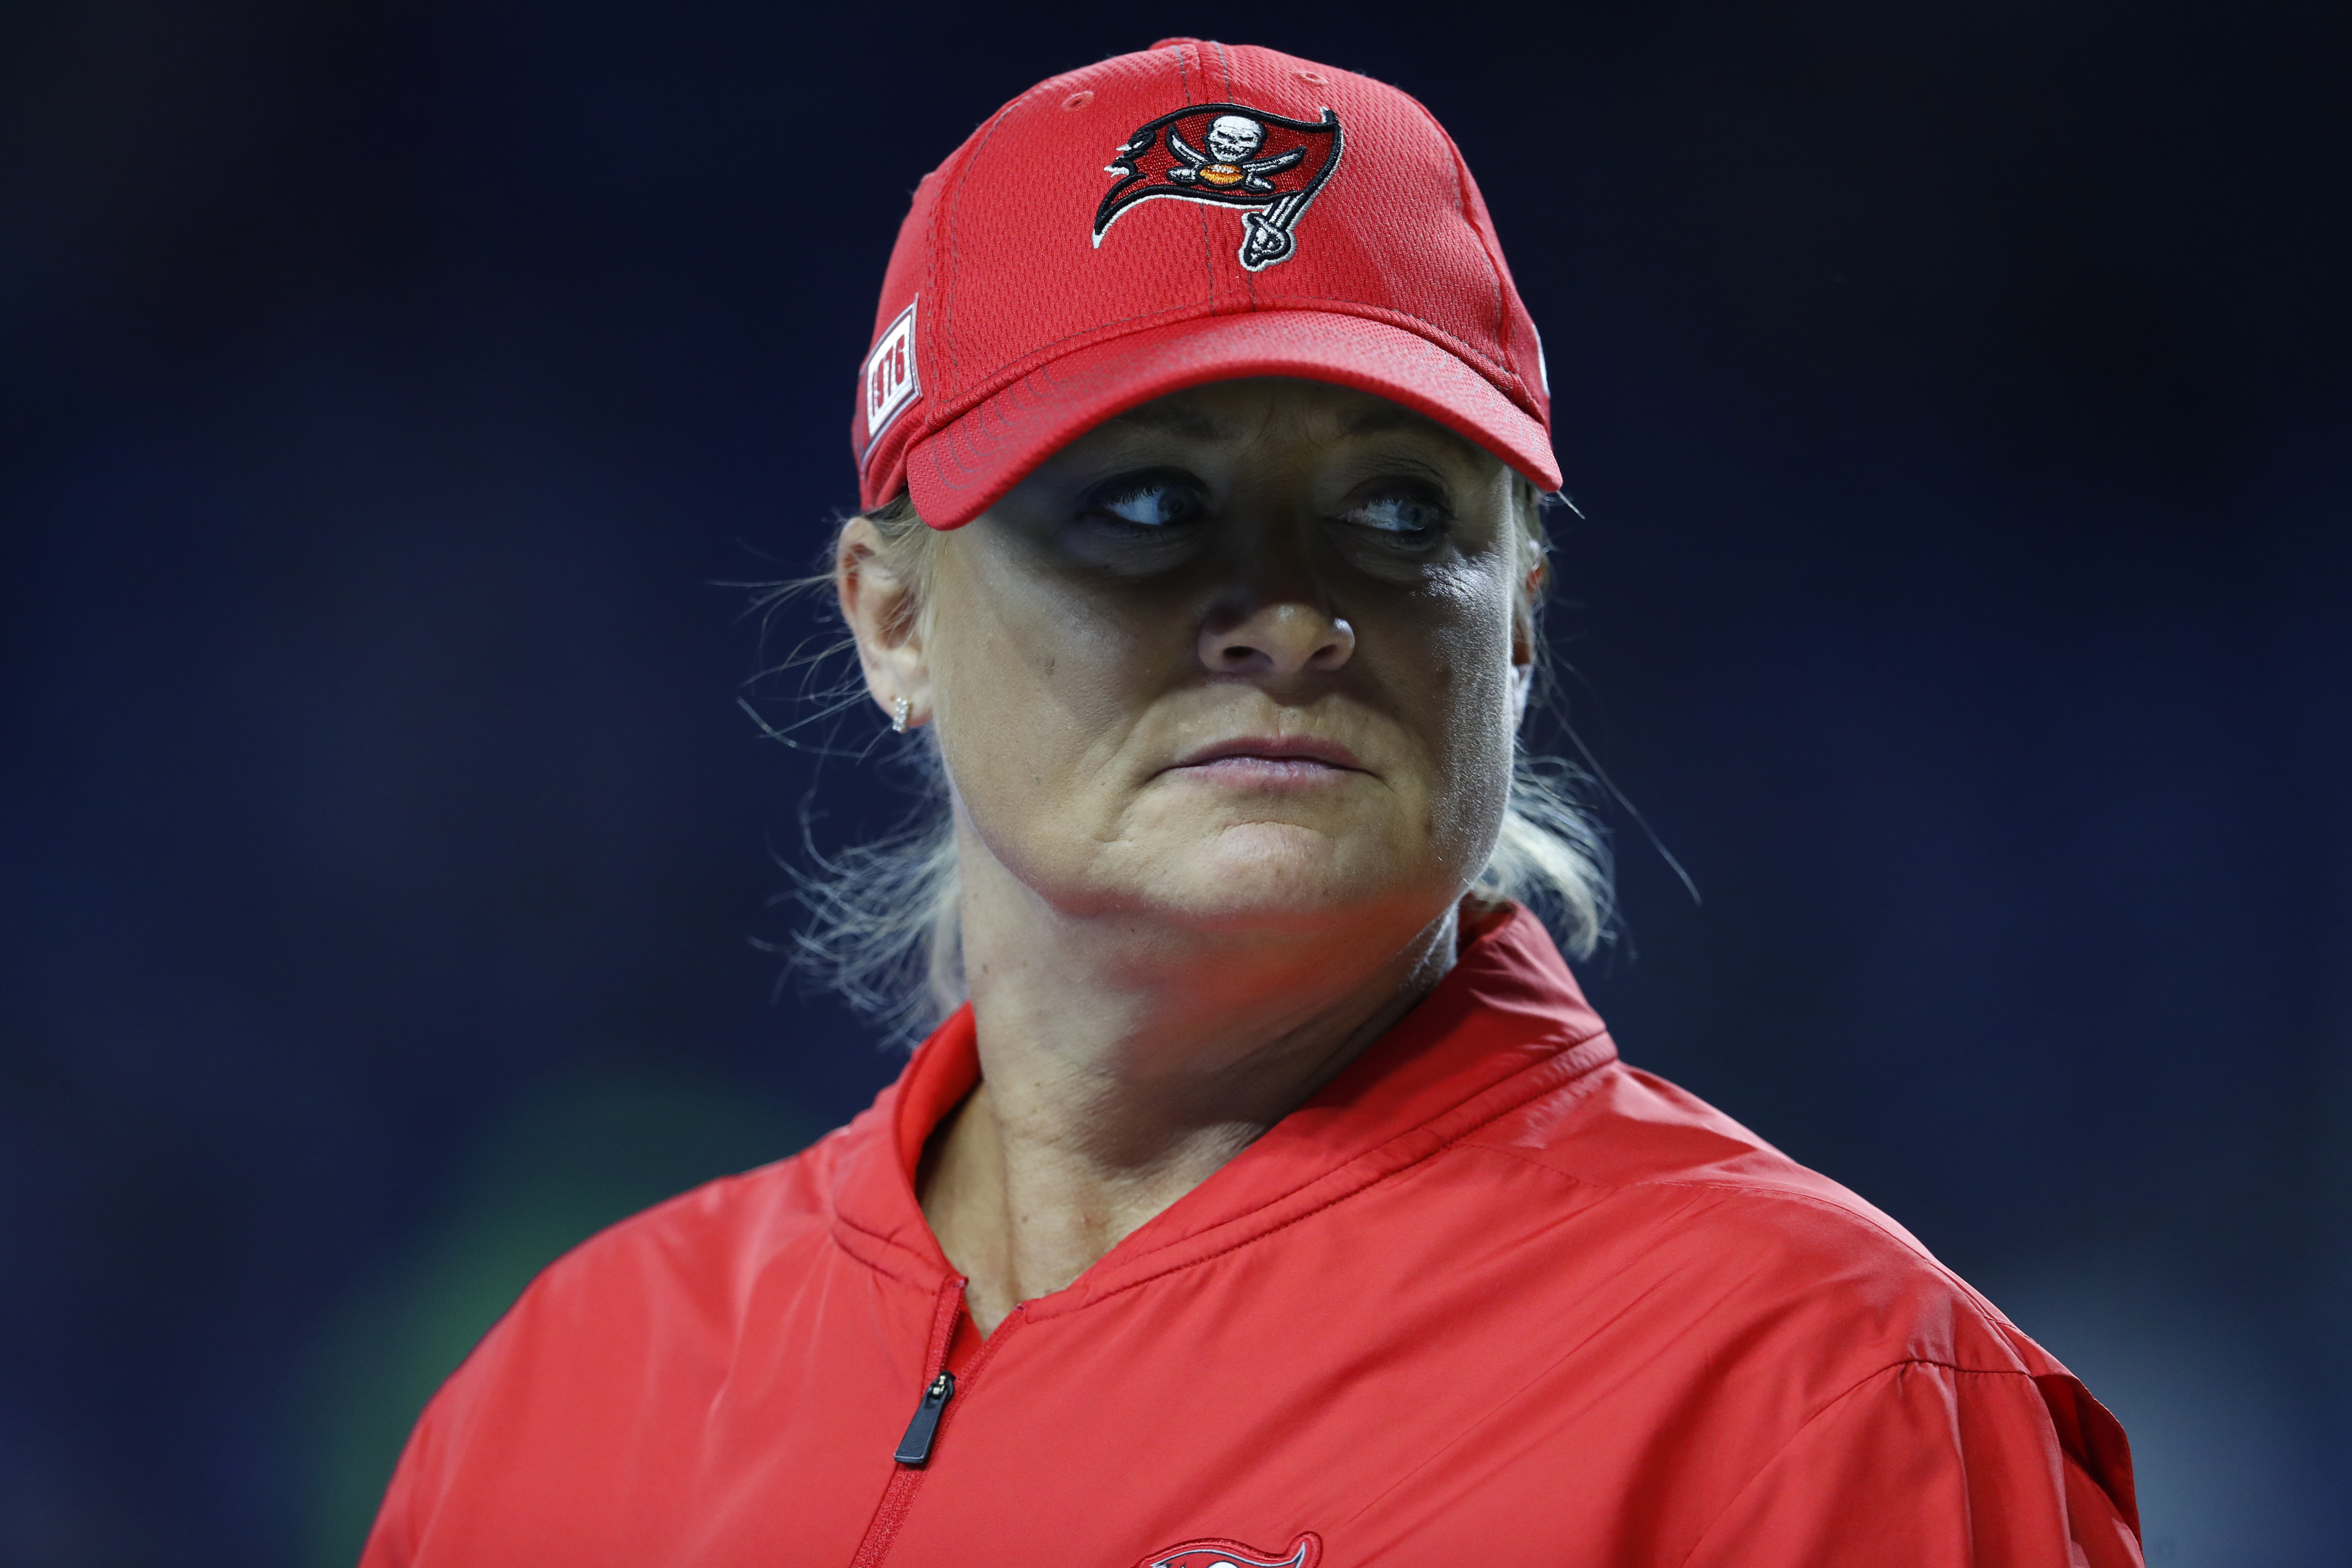 Bucs Coach Lori Locust Talks Success, Sacrifice at NFL Combine